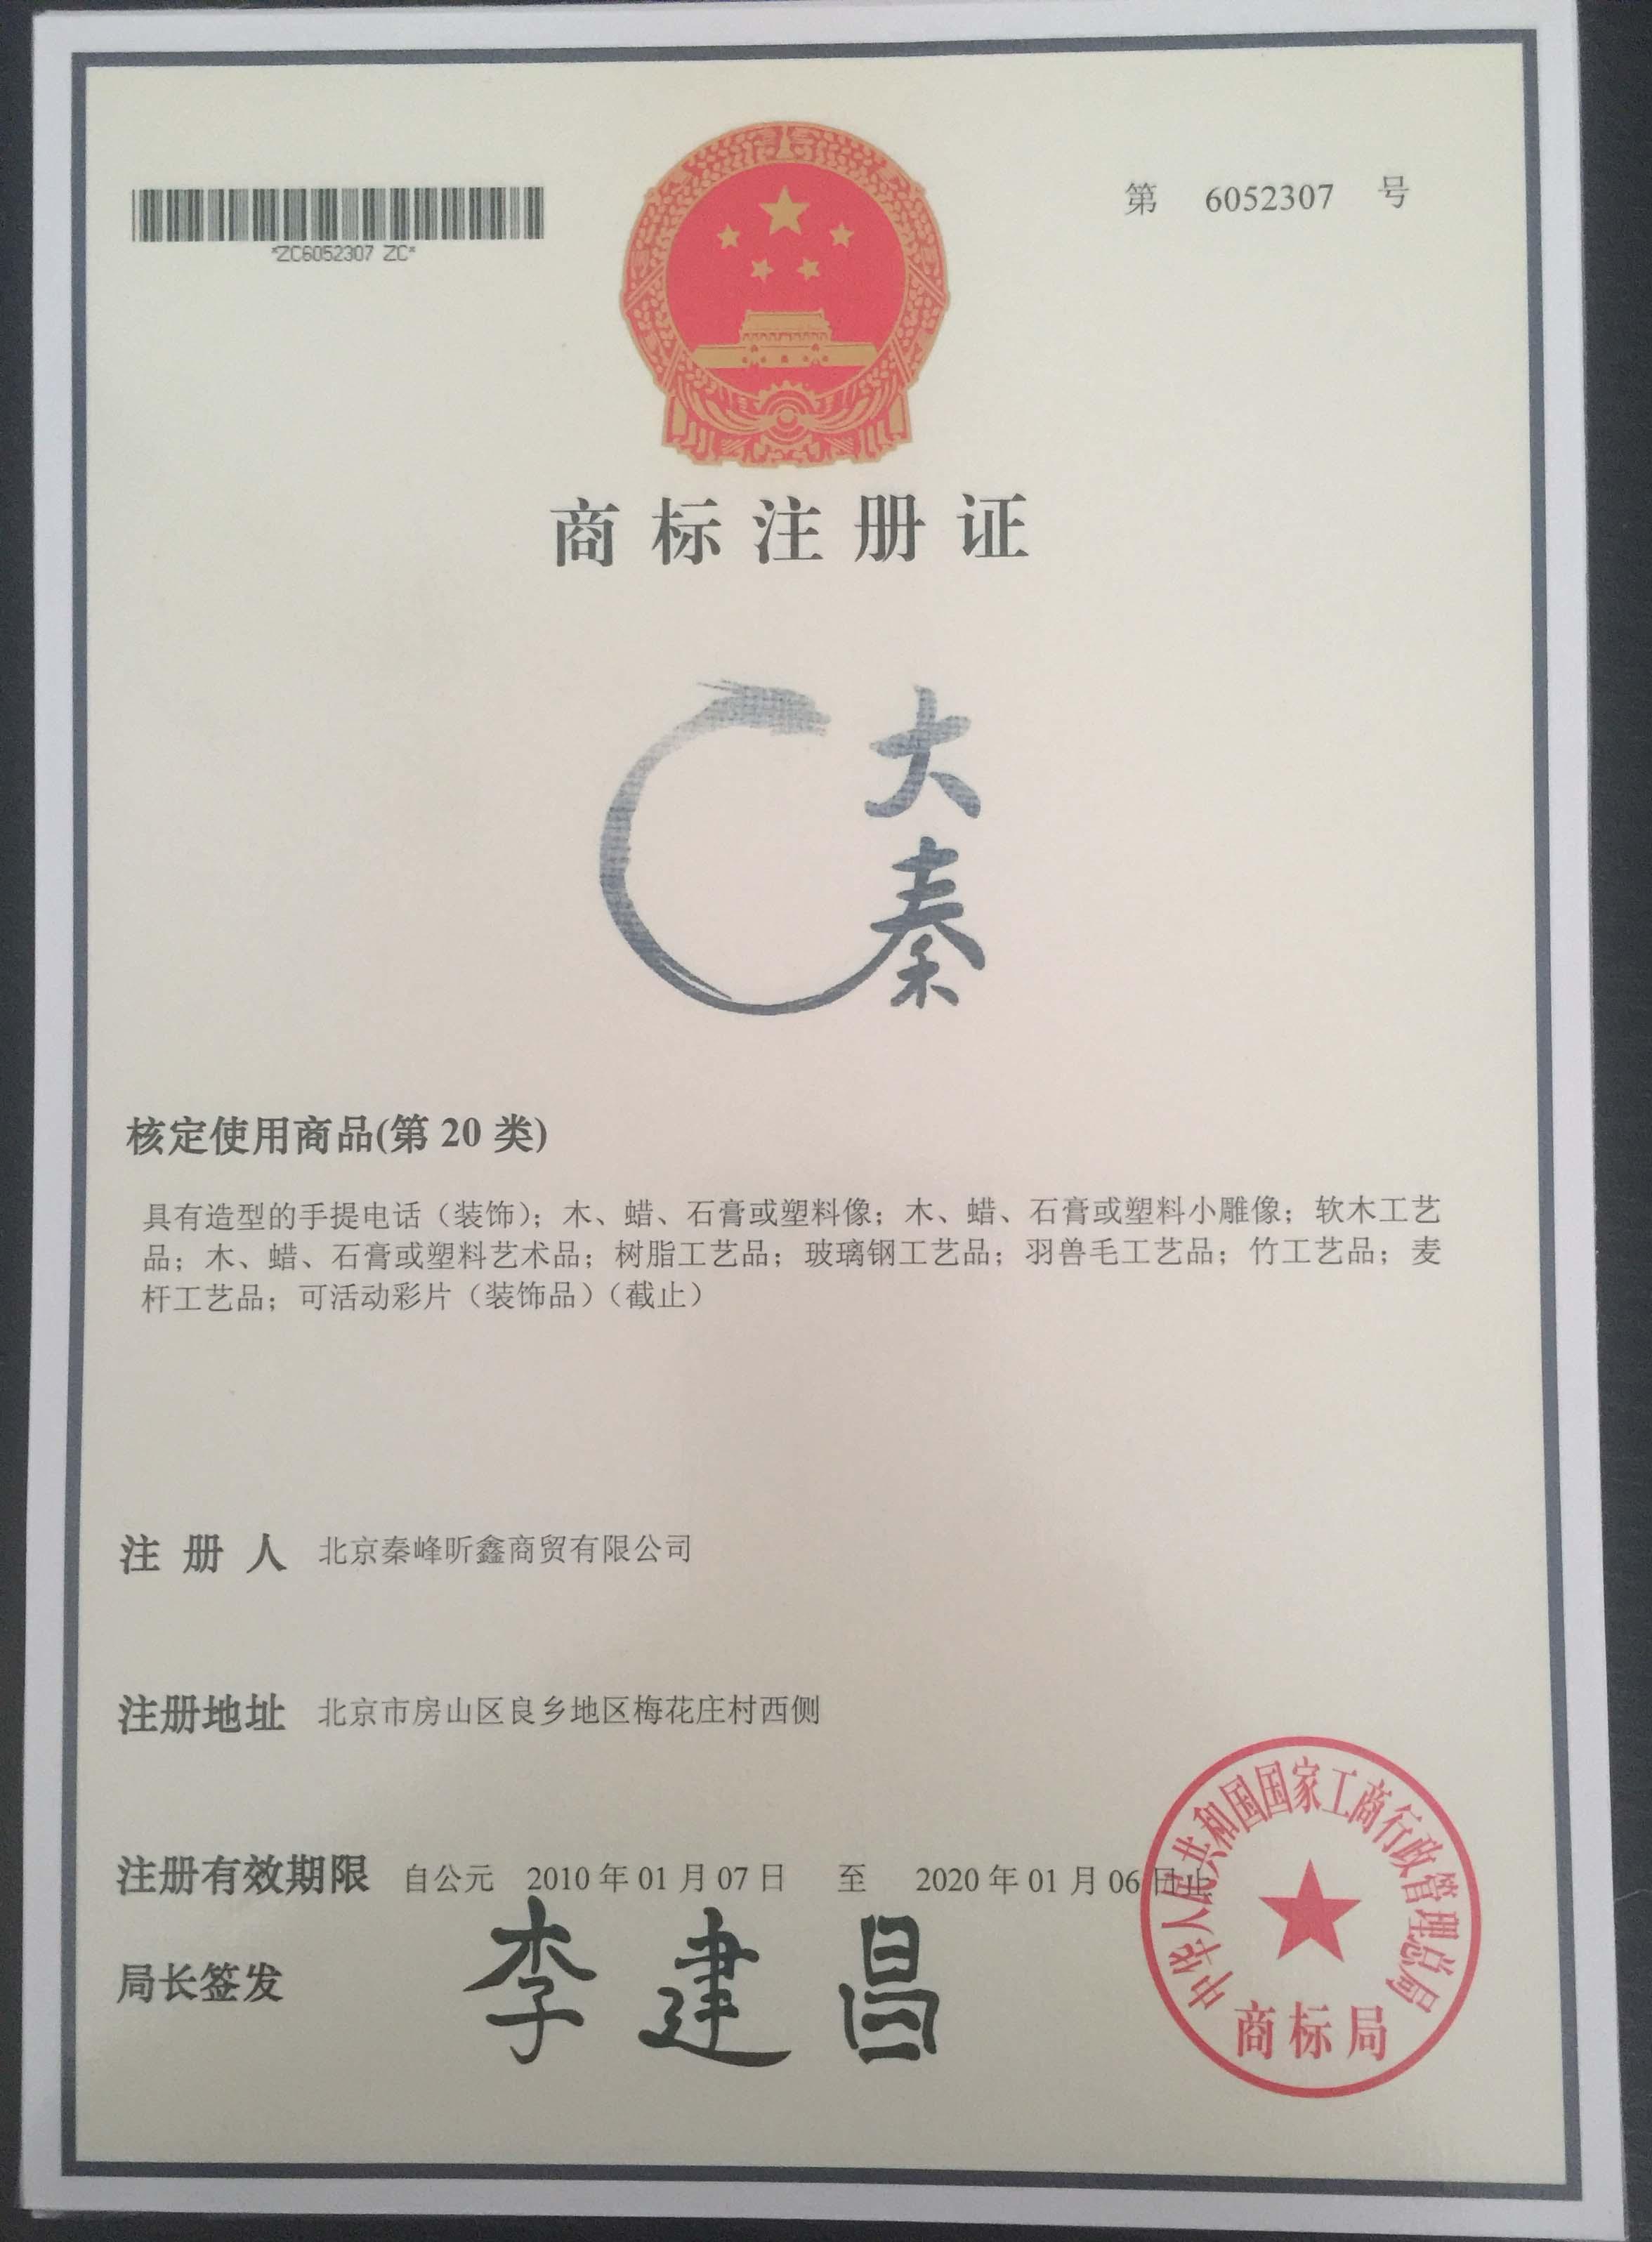 大秦 20类商标注册证